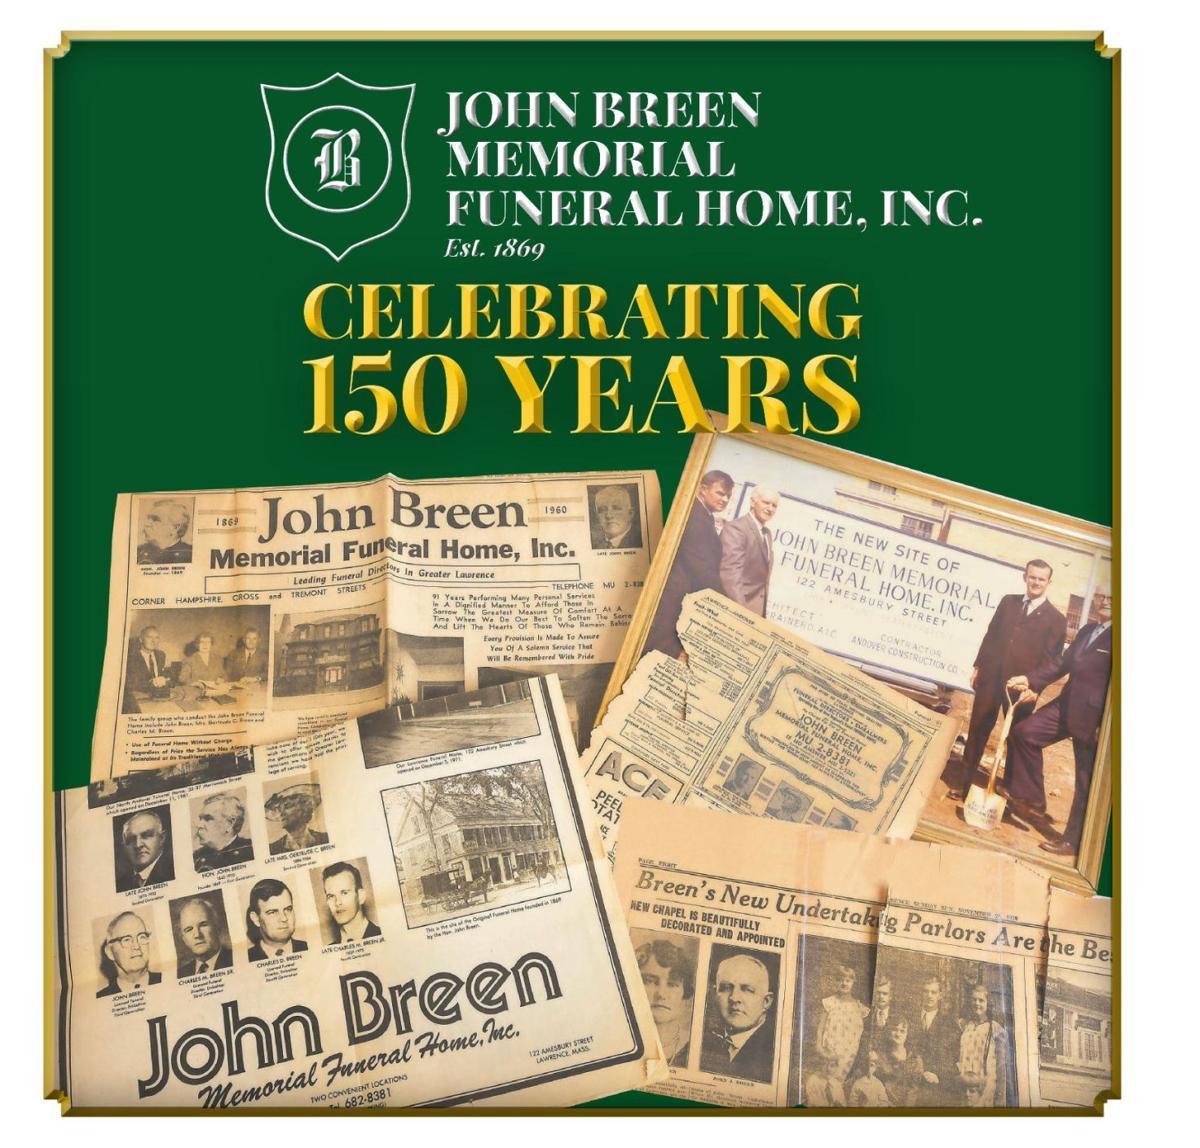 Celebrating 150 Years: John Breen Memorial Funeral Home, Inc.